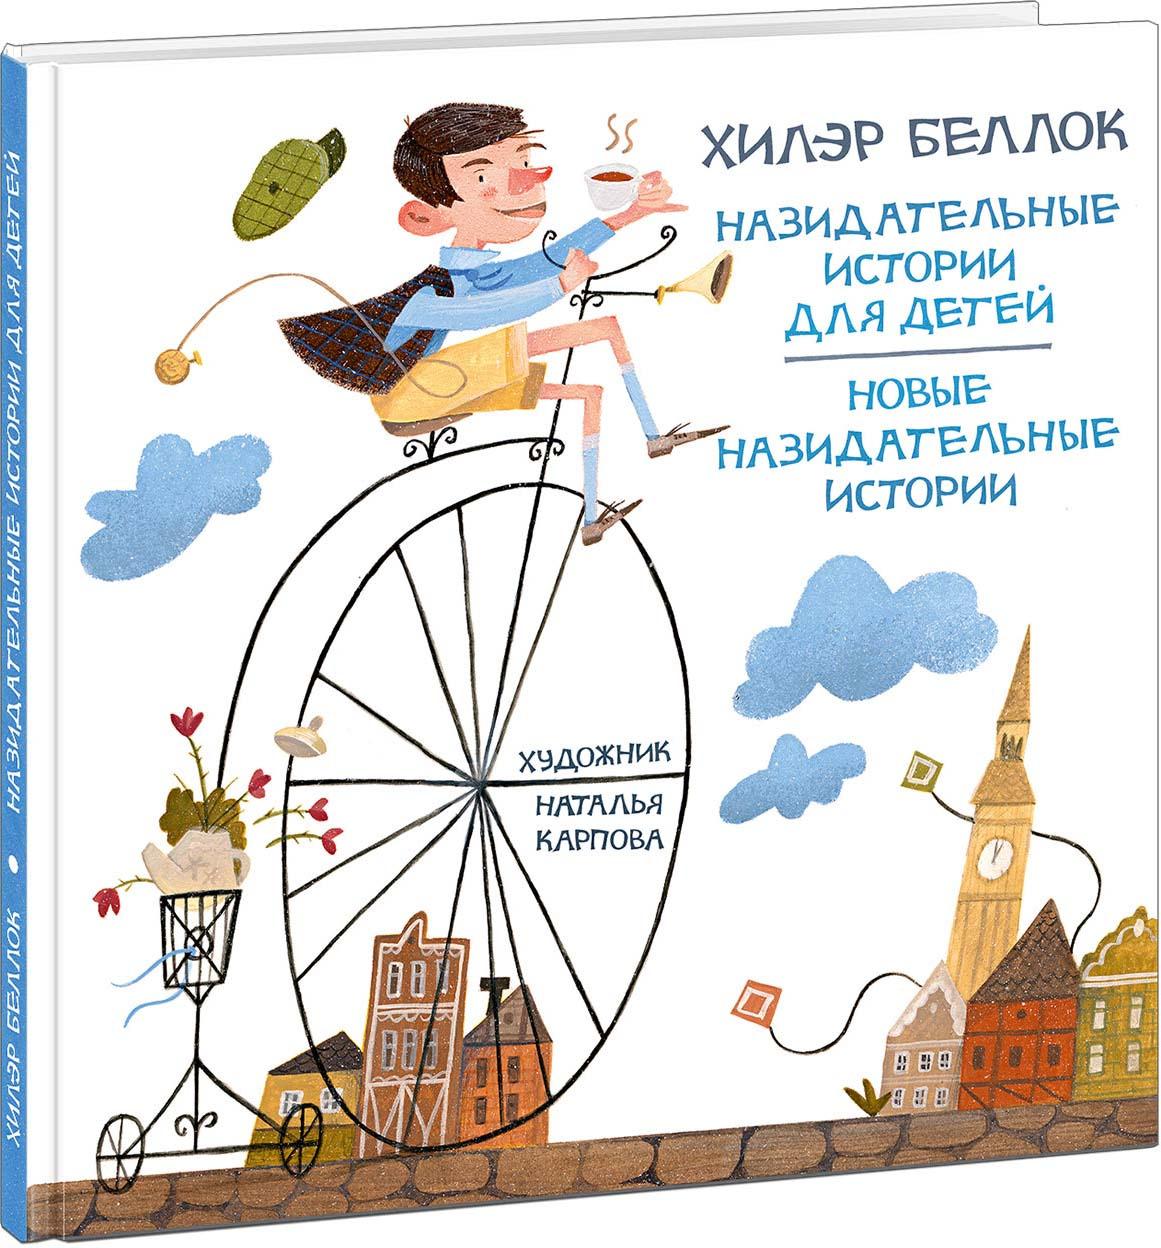 Хилэр Беллок Назидательные истории для детей. Новые назидательные истории